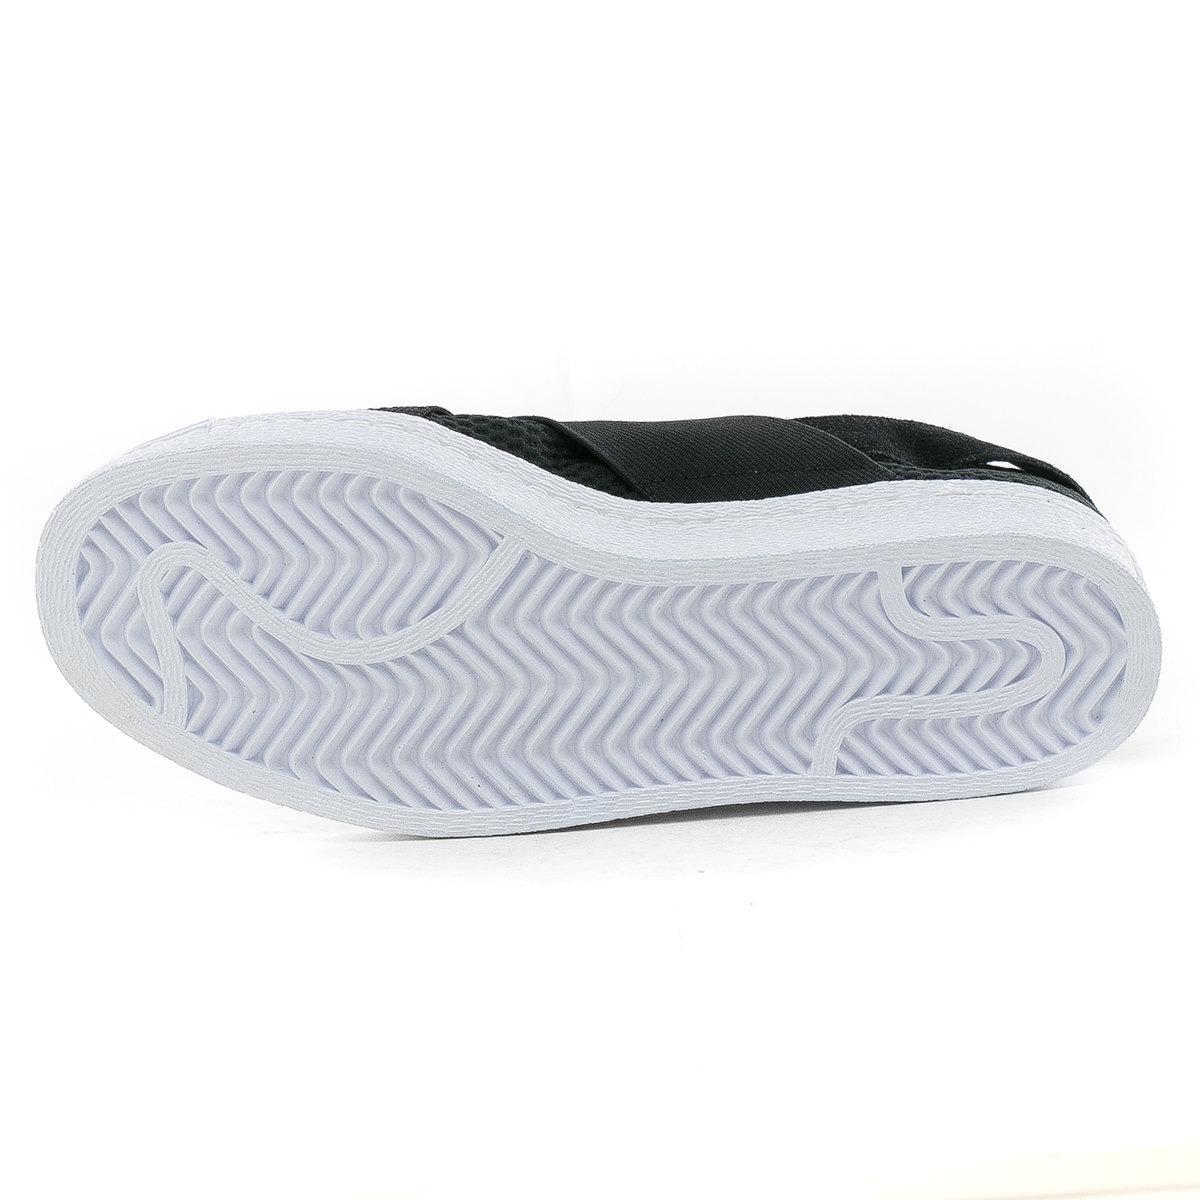 3d93cbc5de43d zapatillas superstar slip on negro adidas originals. Cargando zoom.